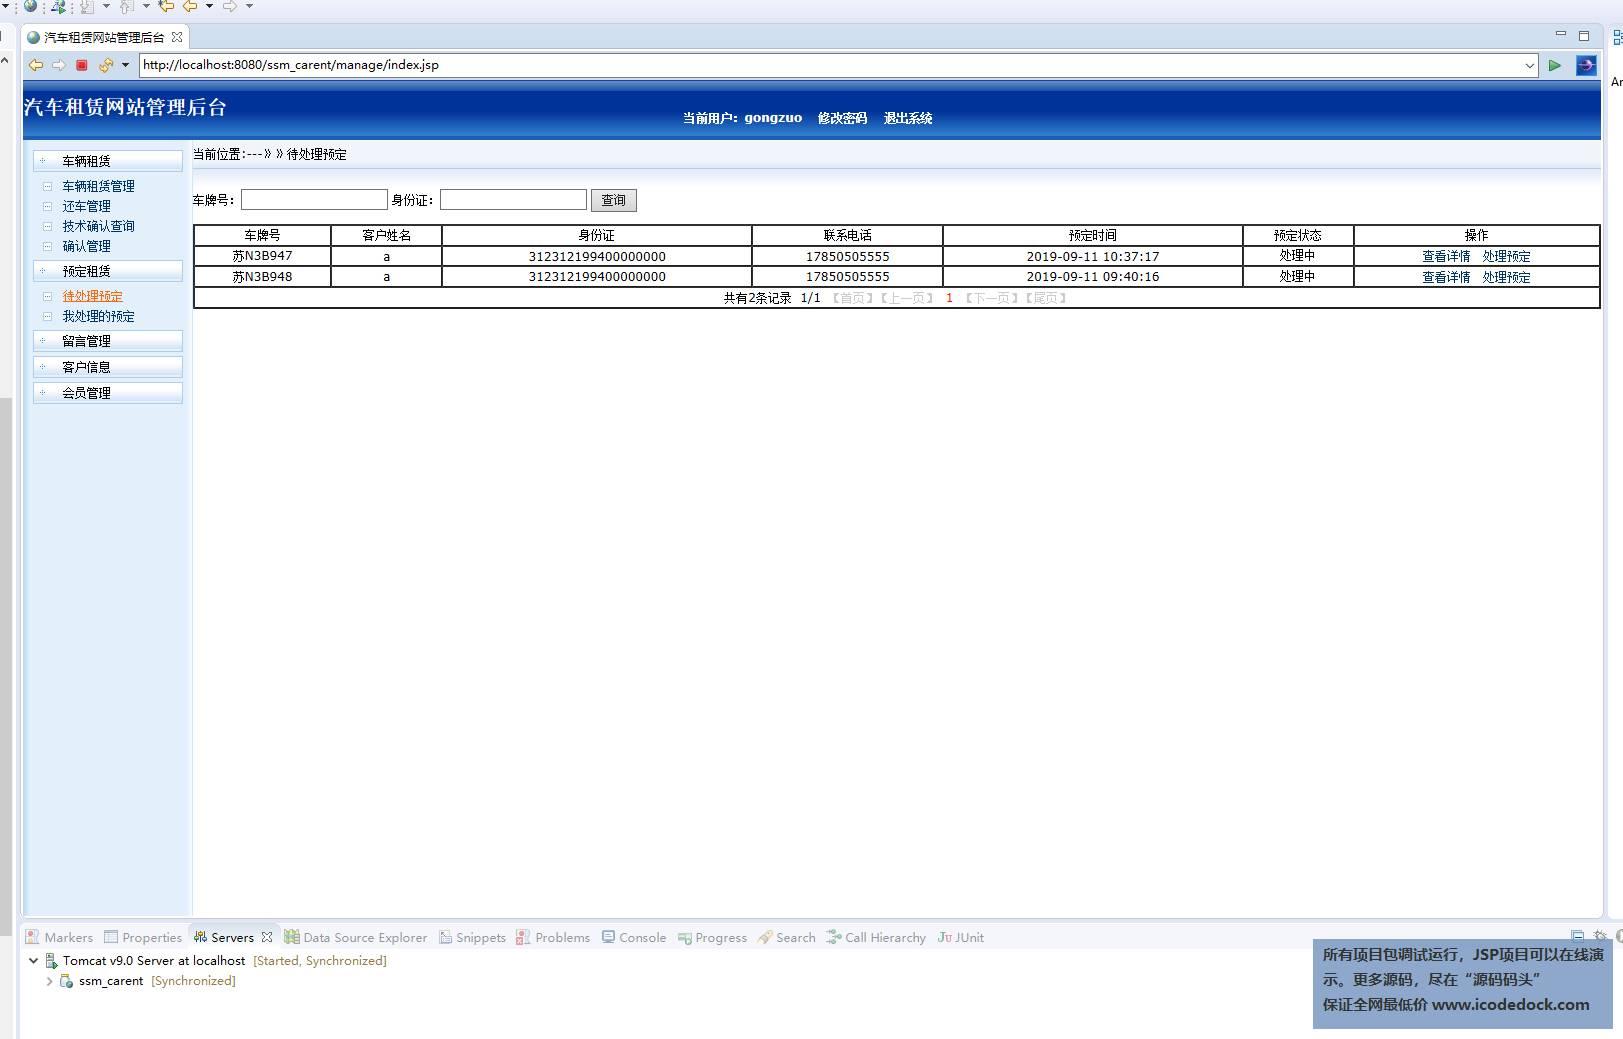 源码码头-SSM汽车出租管理系统-工作人员角色-预定管理